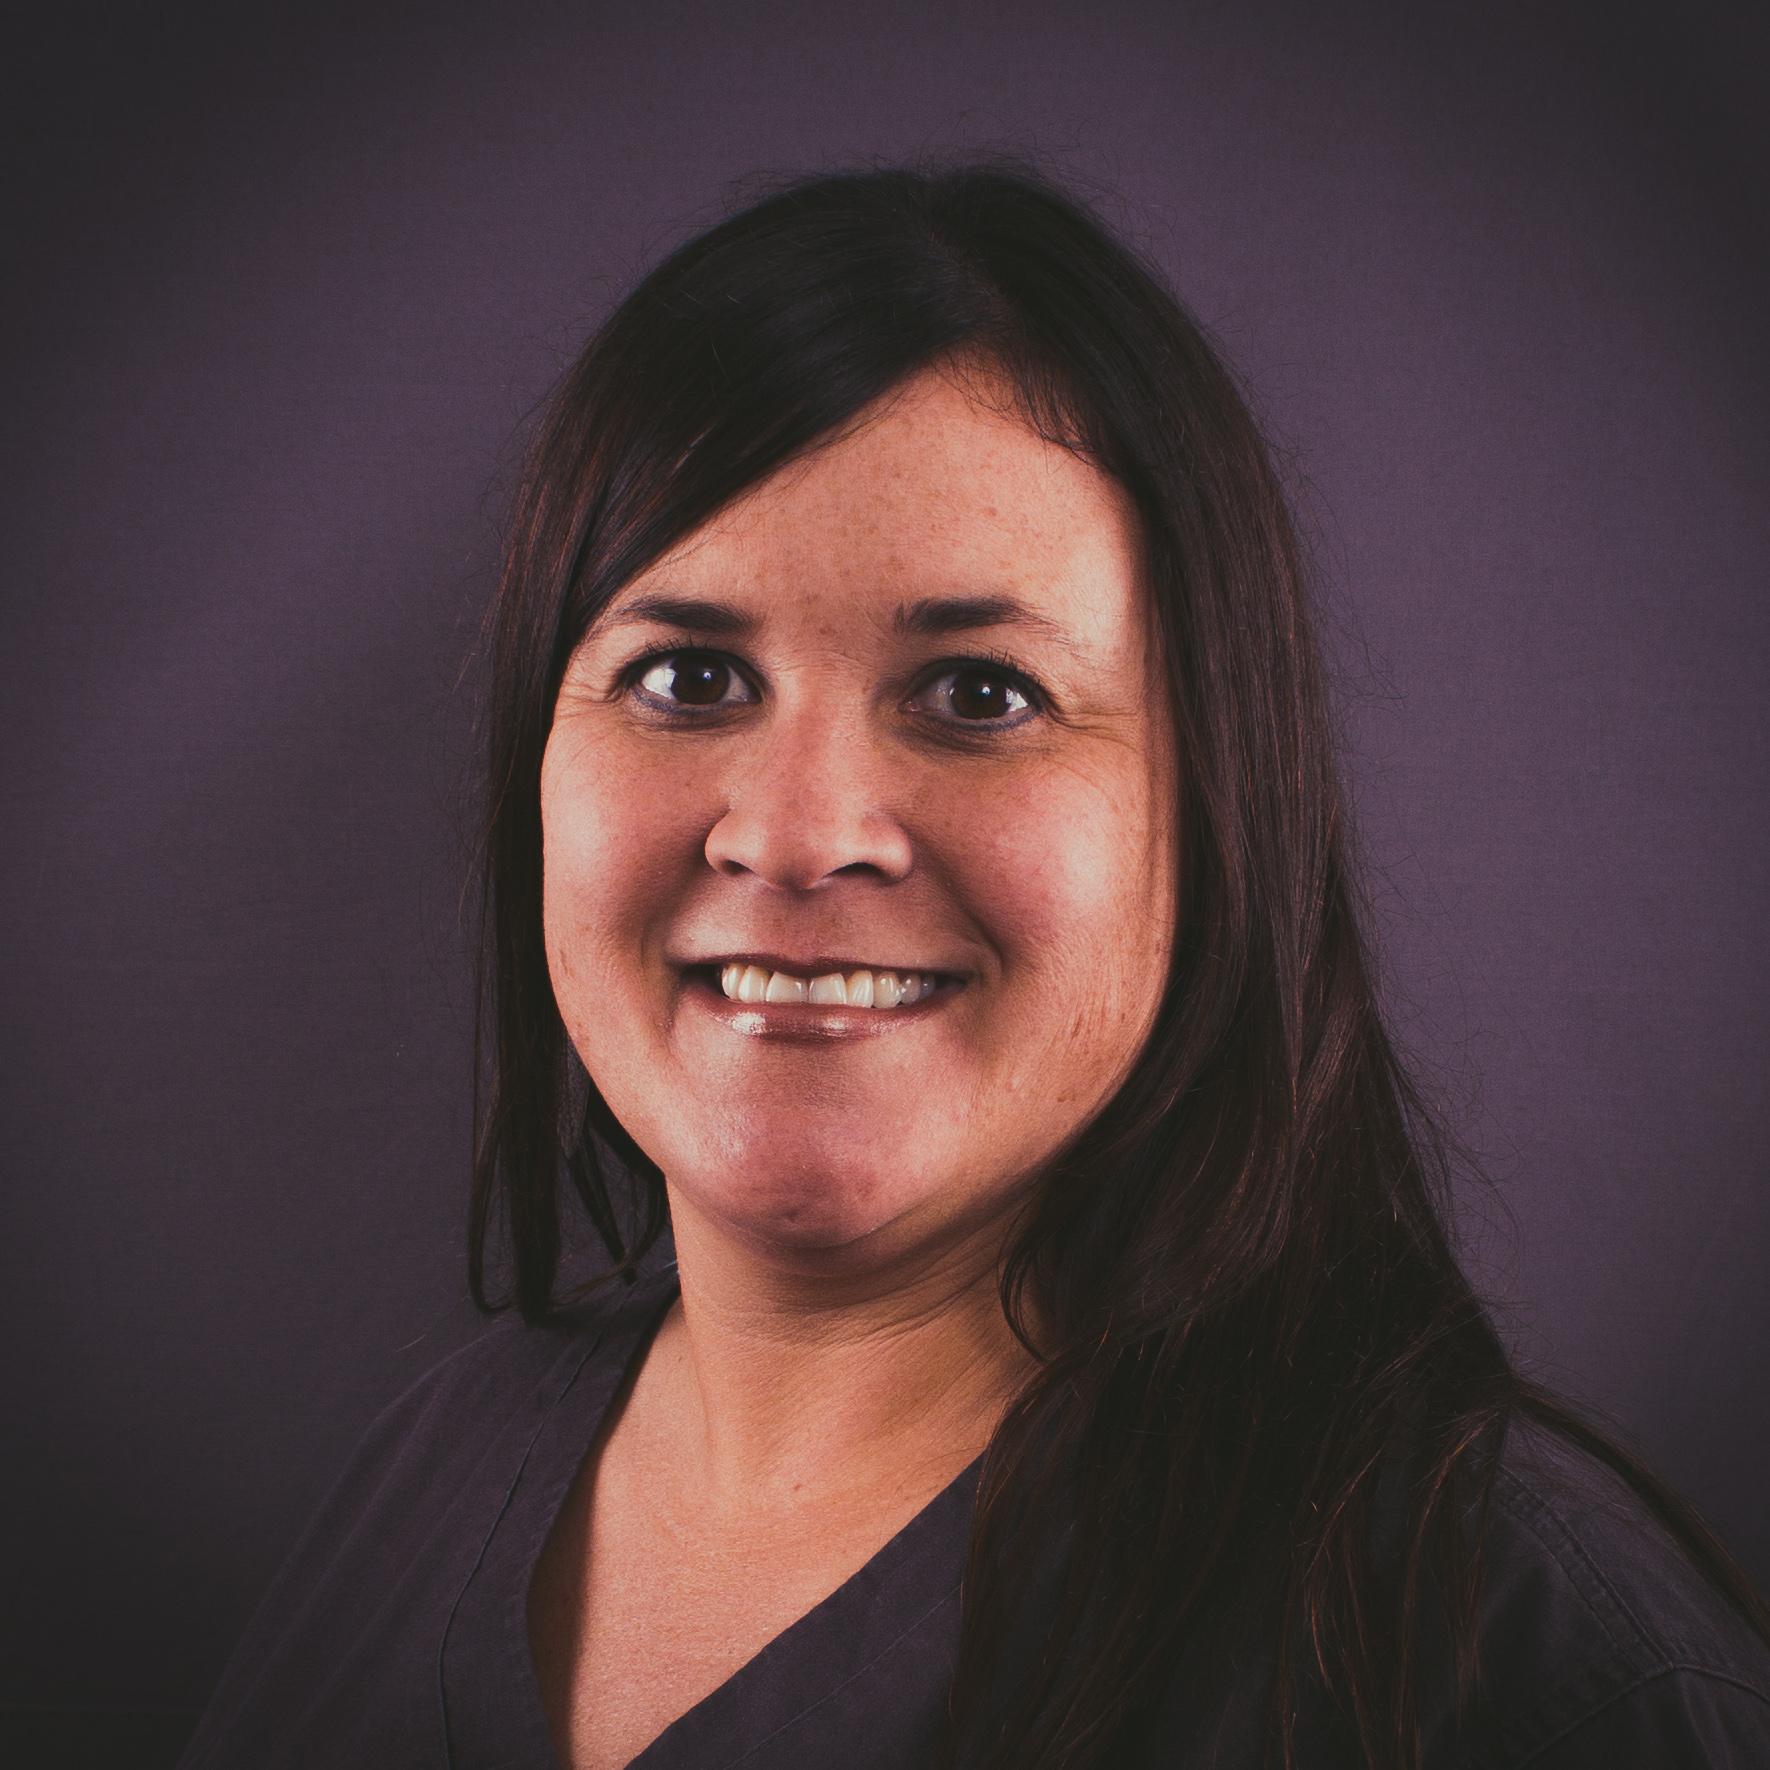 Tricia Fruge-Fontenot CNA Supervisor/LPN